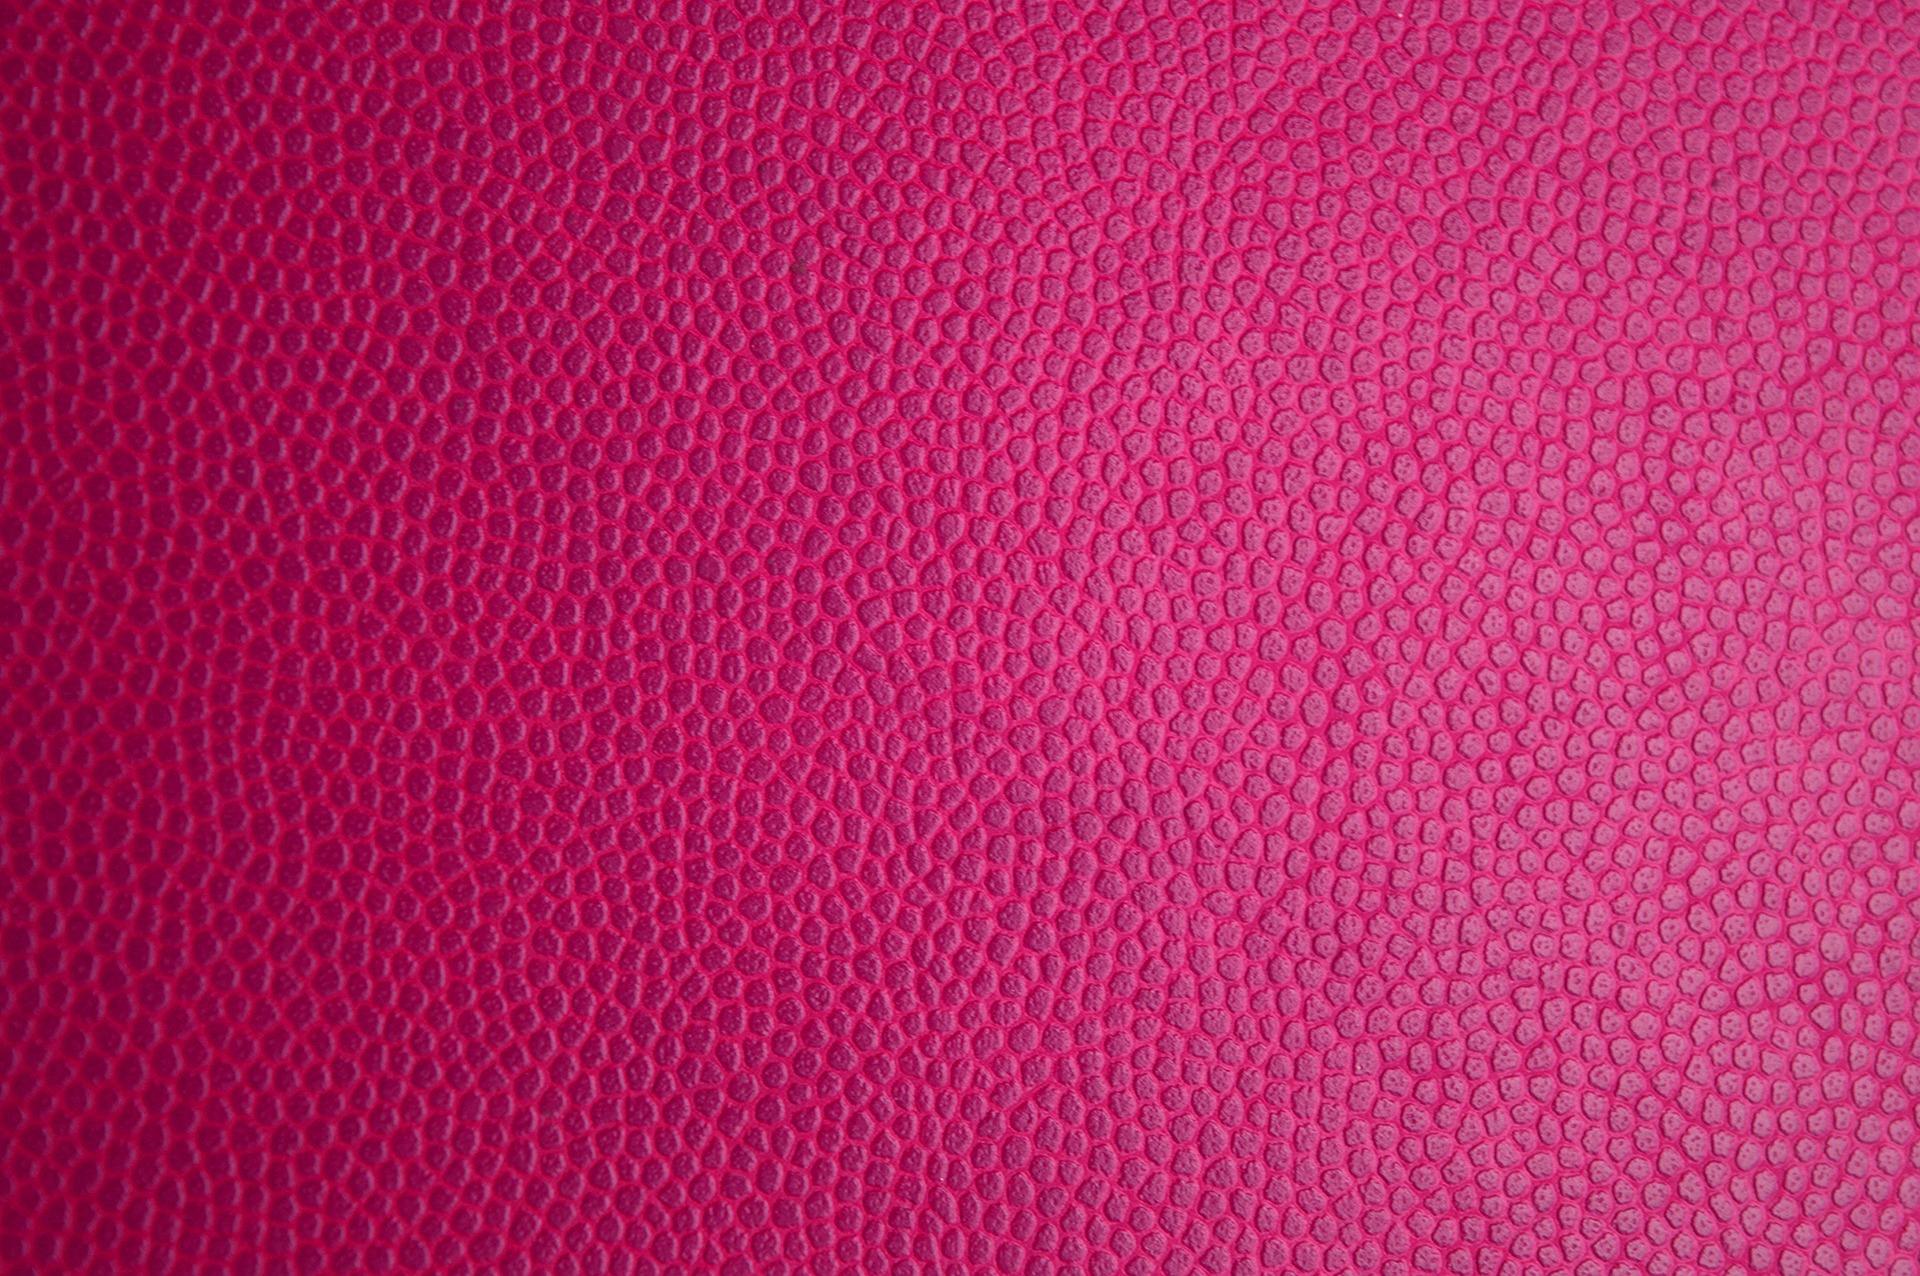 充電コードがピンク色に変色